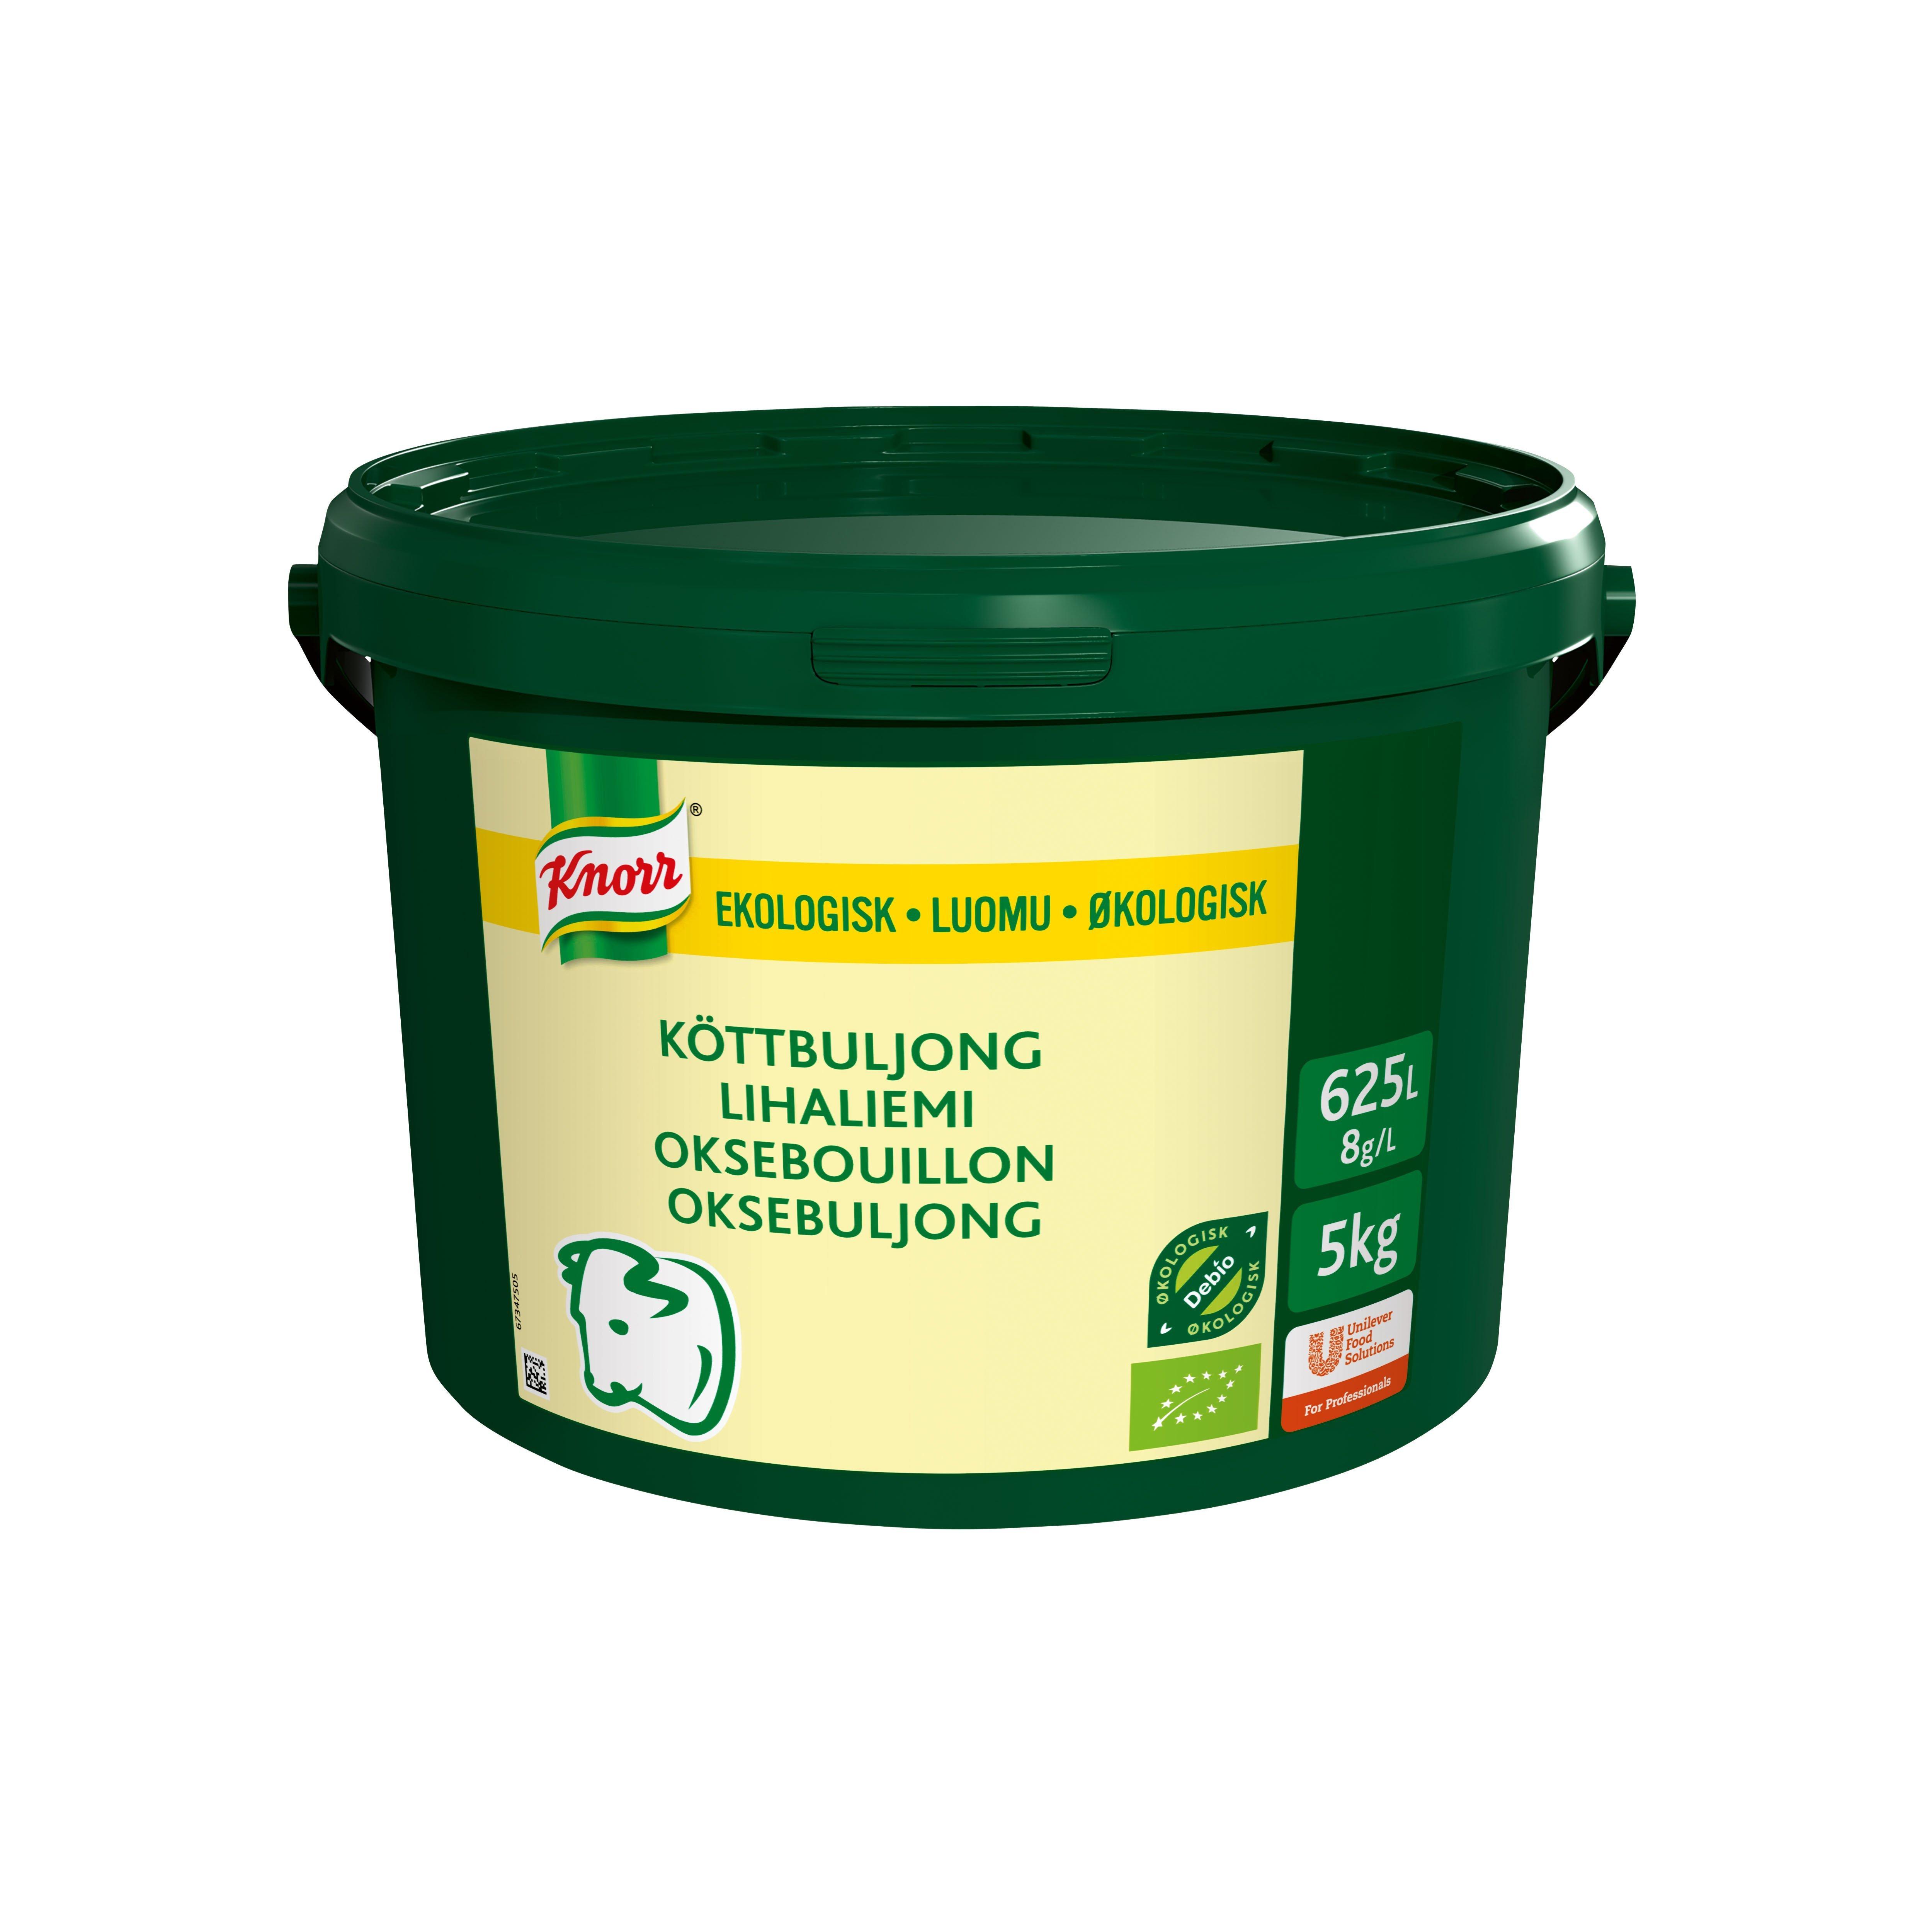 Knorr Økologisk Oksebouillon, lavsalt, granulat, 5kg / 625 L